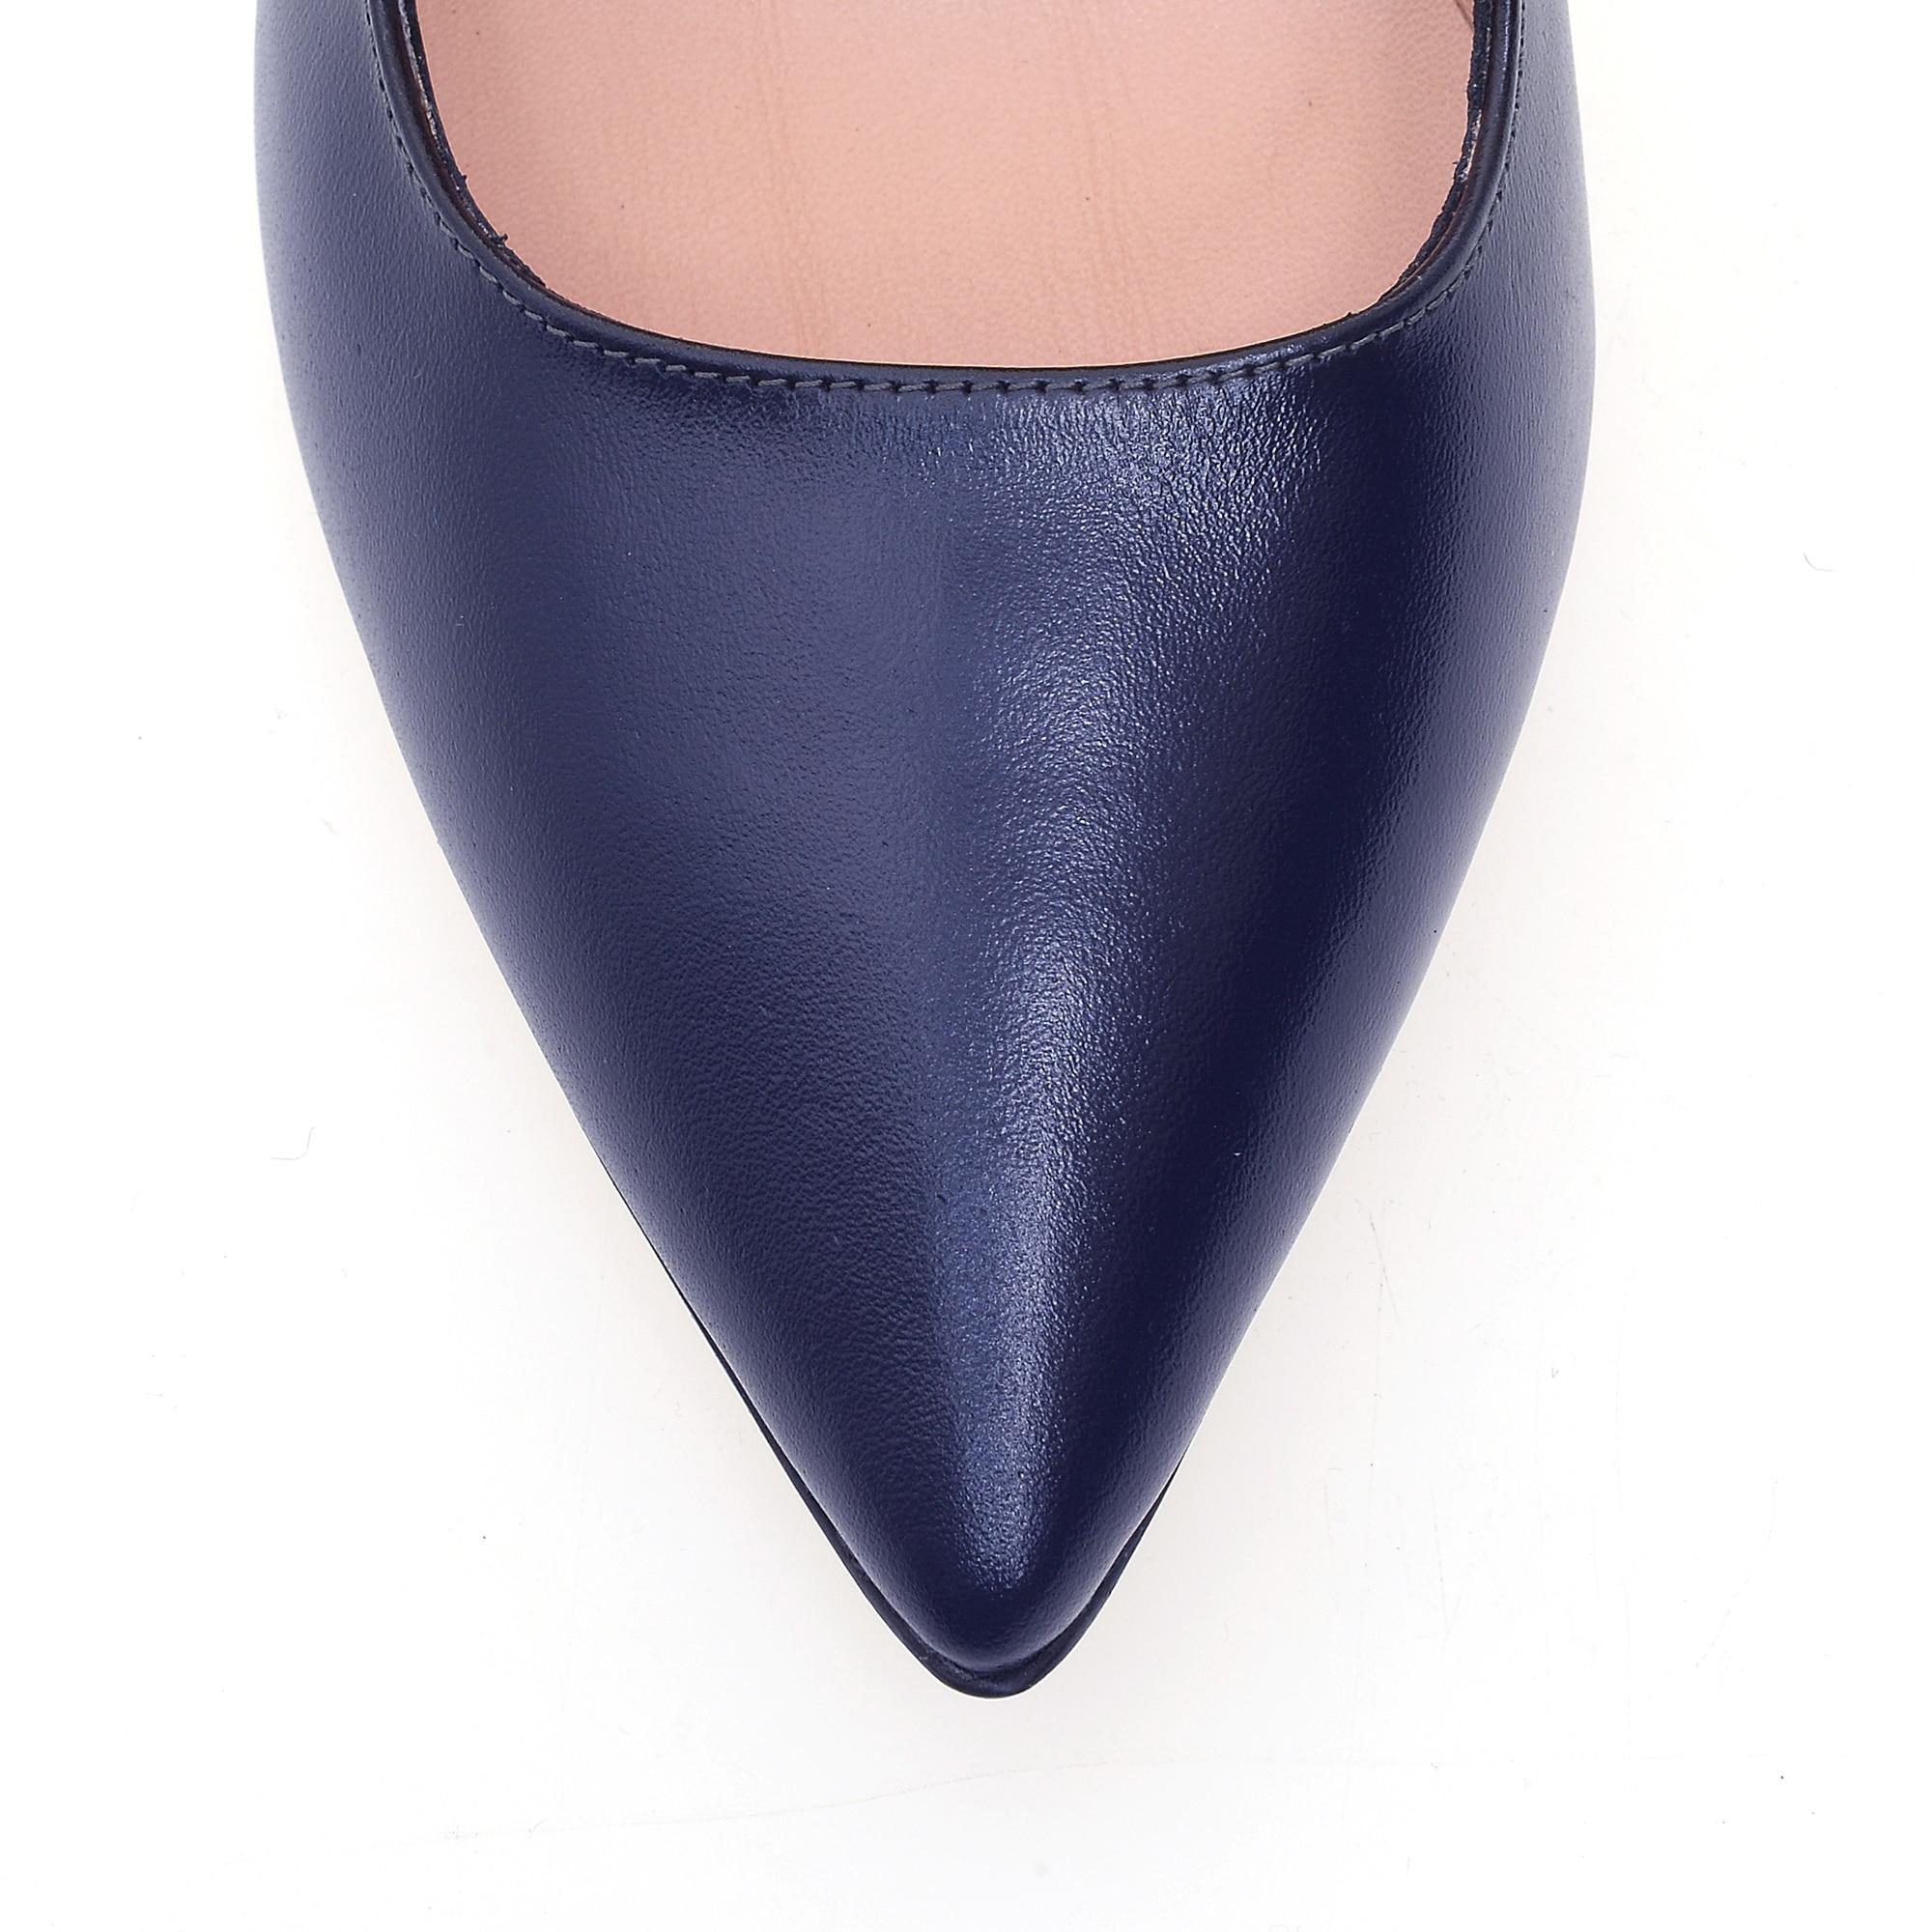 RELEASE Korall színű női magassarkú cipő, 9.5 cm, 39 eMAG.hu